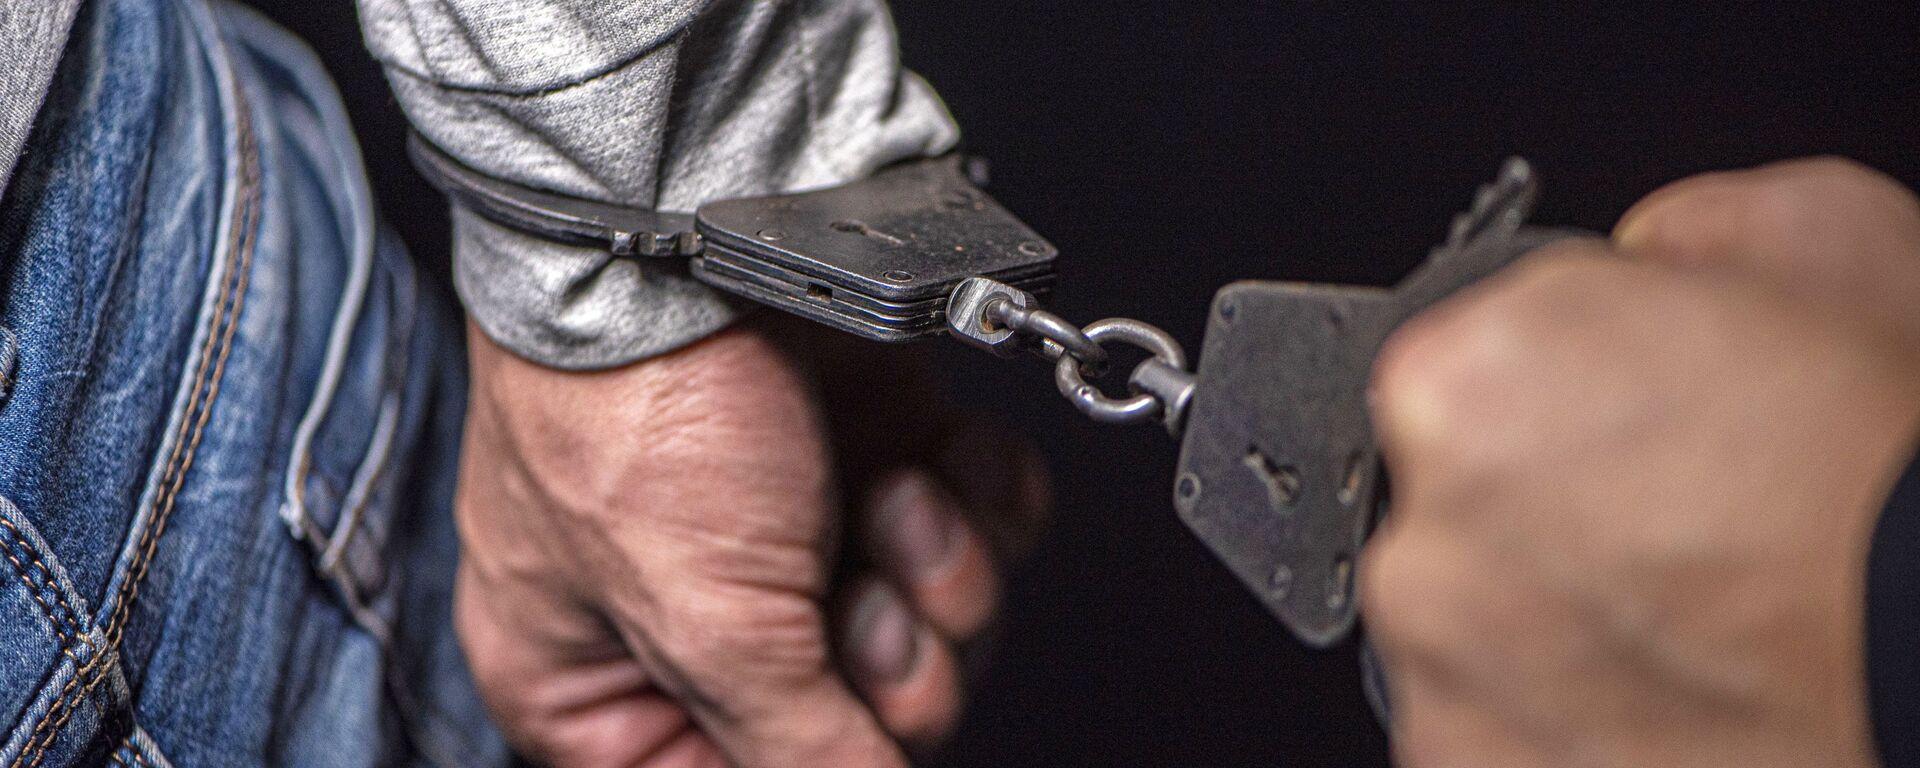 Руки в наручниках. - Sputnik Таджикистан, 1920, 22.09.2021